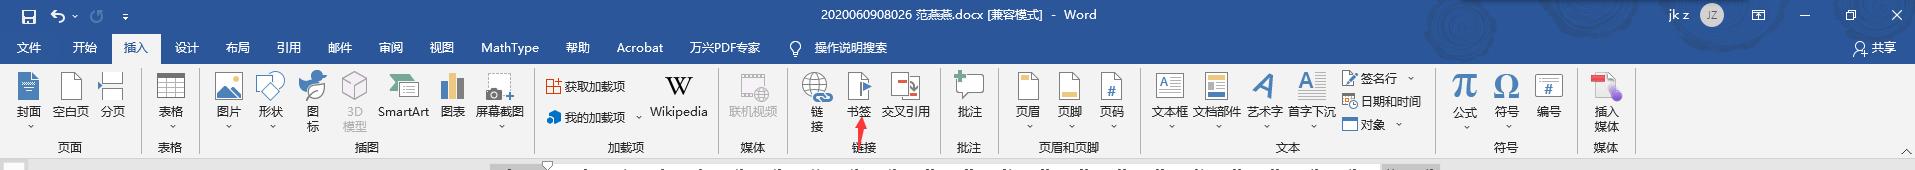 C:\Users\junjunjun\Desktop\img_1.png